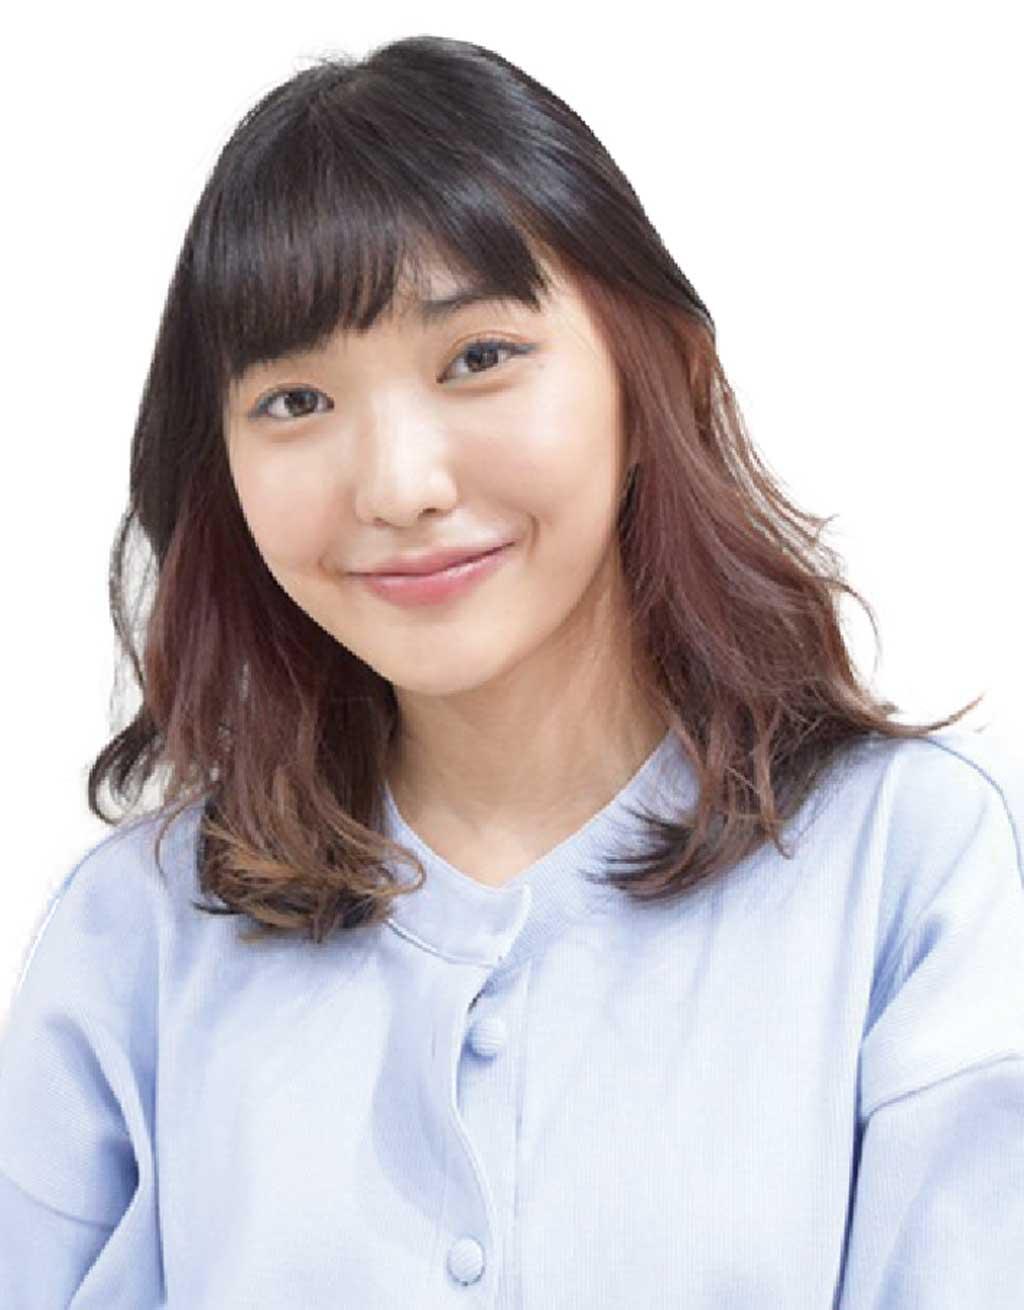 ヘアスタイル インナーカラー・カット+カラー - Hair Style Inner Color - 1,500B〜・新規2,800B